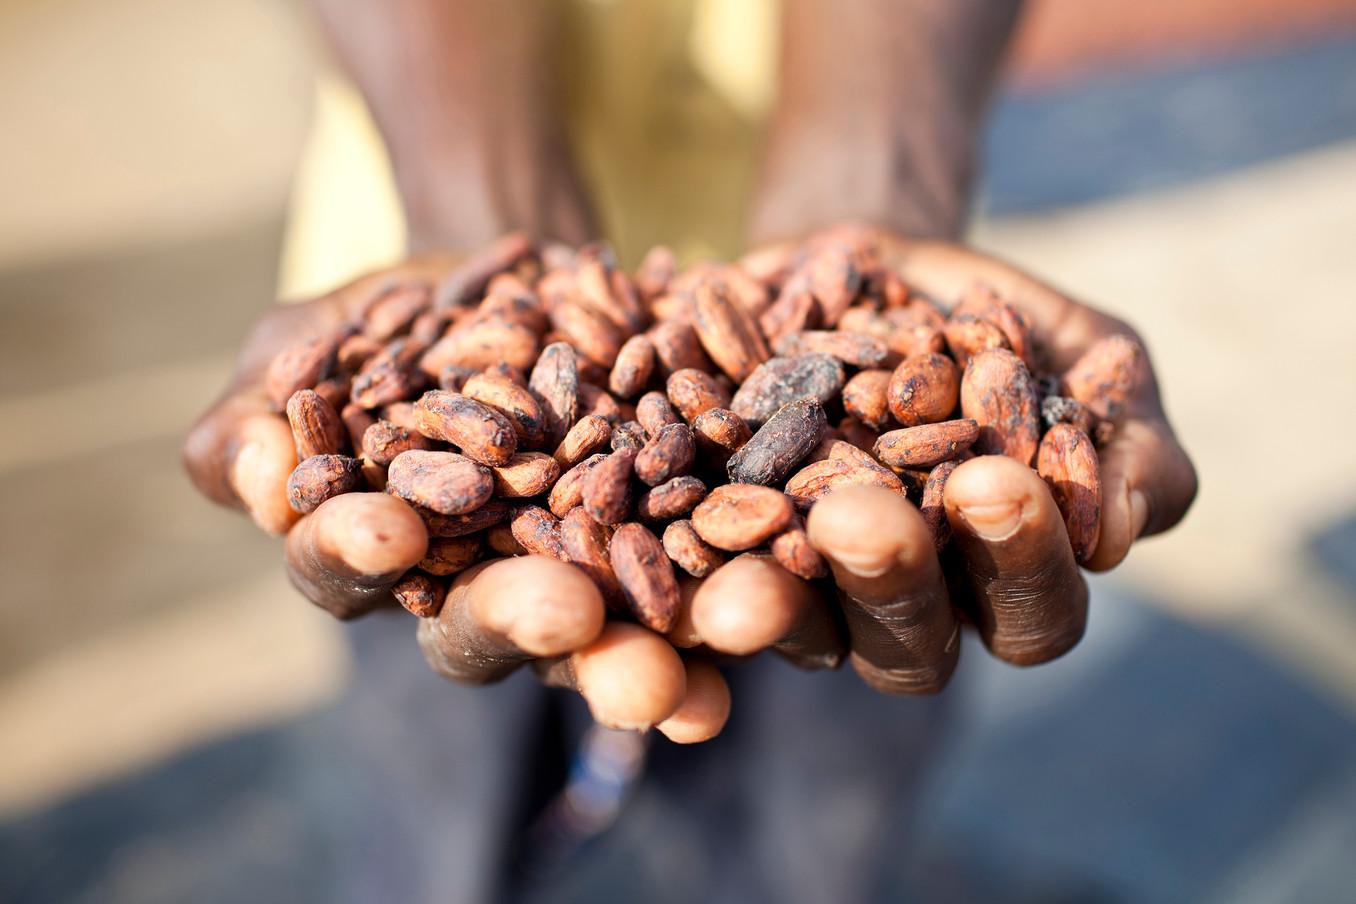 NGO_CSR-CARE-Ivory Coast 002.jpg